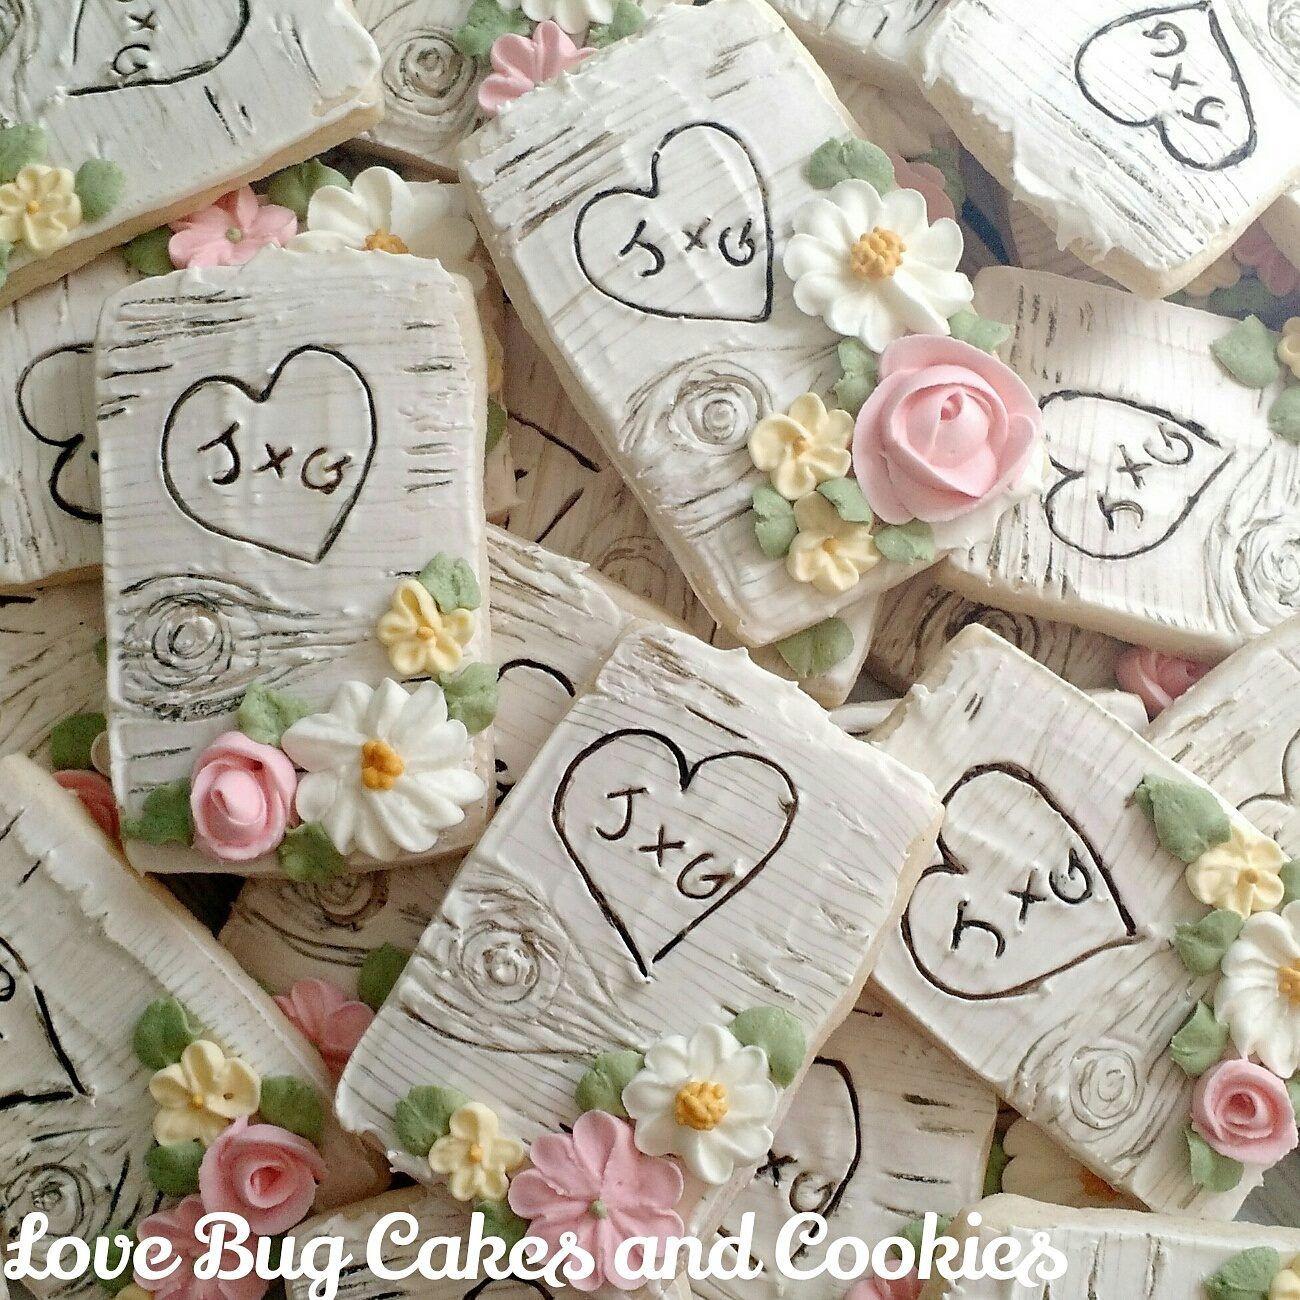 Wedding Sugar Cookies Decorating Ideas  Rustic chic wedding cookies or anniversary cookies